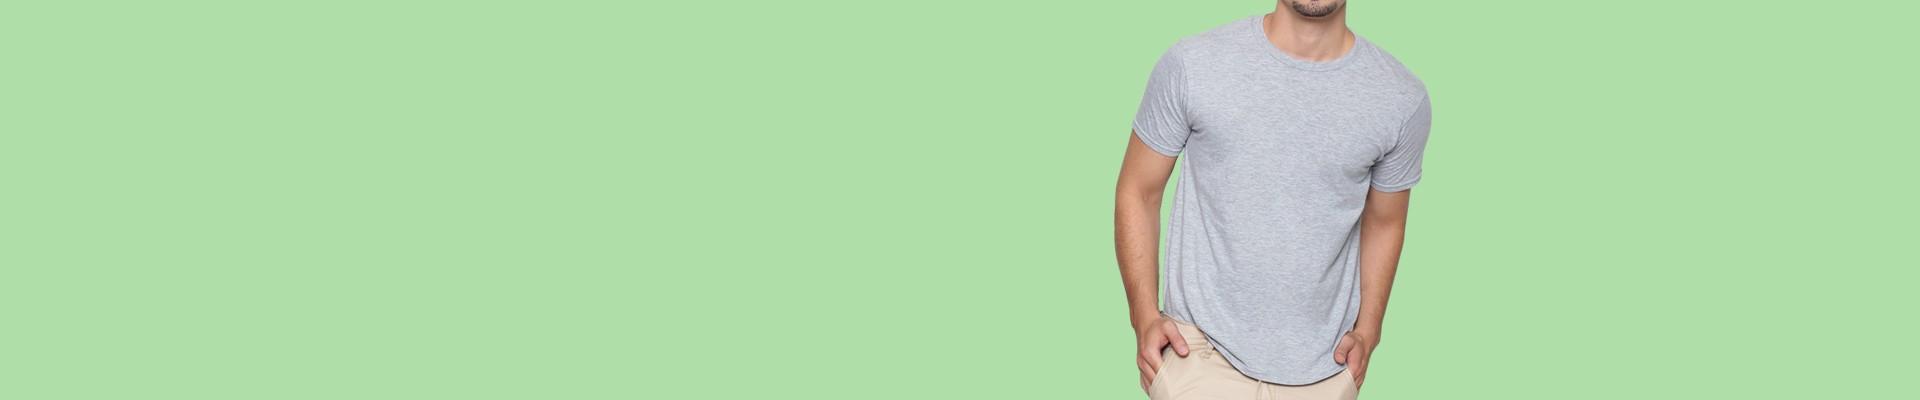 Jual Baju Kaos Pria Pria - Model Terbaru & Harga Murah